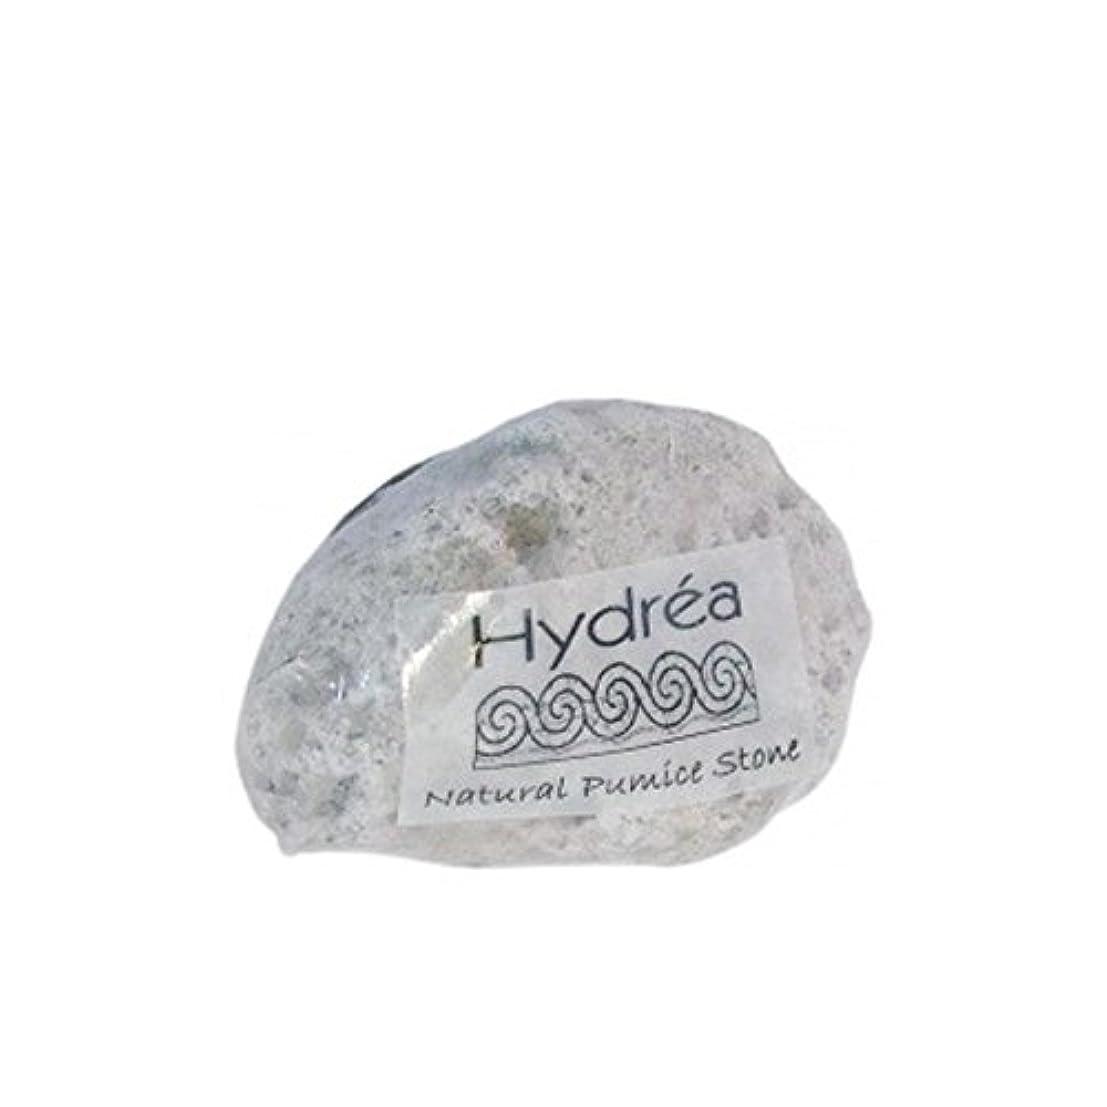 壁シャッター自慢Hydrea London - Natural Pumice Stone (Pack of 6) - ハイドレアロンドン - 自然軽石 x6 [並行輸入品]